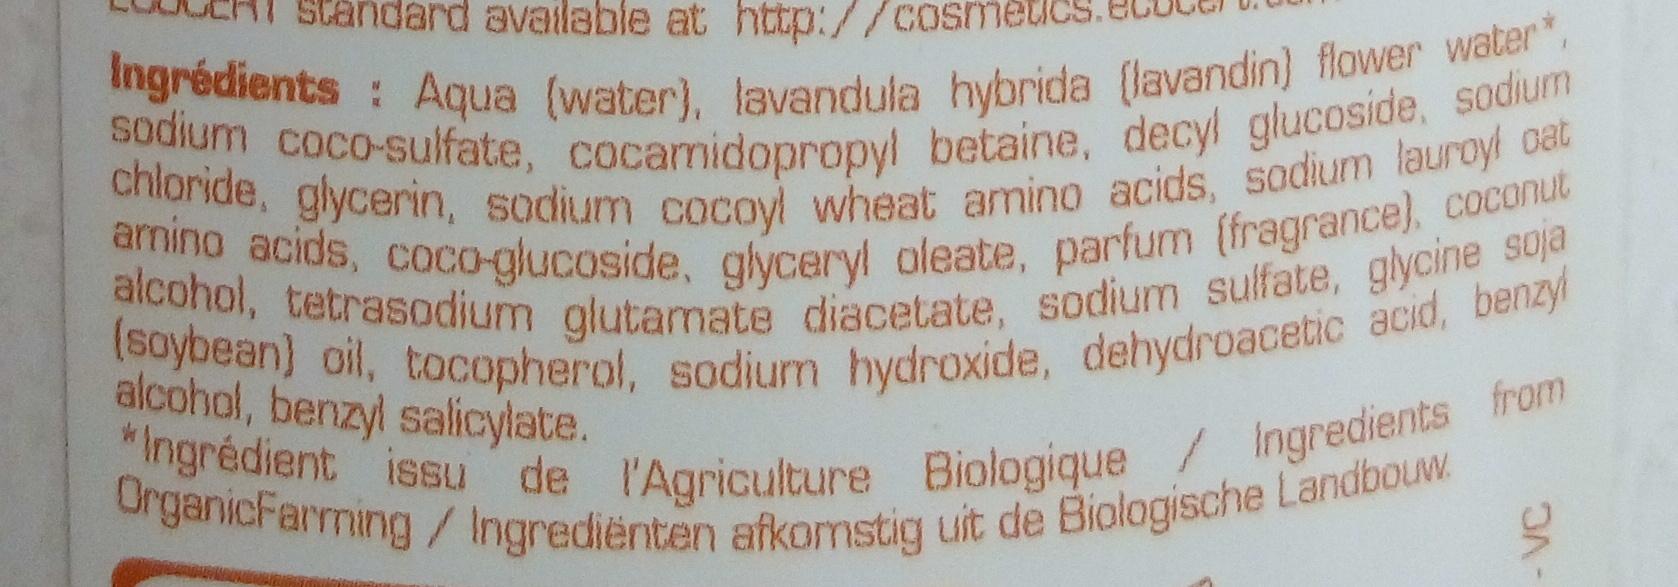 Shampooing douche ultra doux sans savon aux céréales - Ingrédients